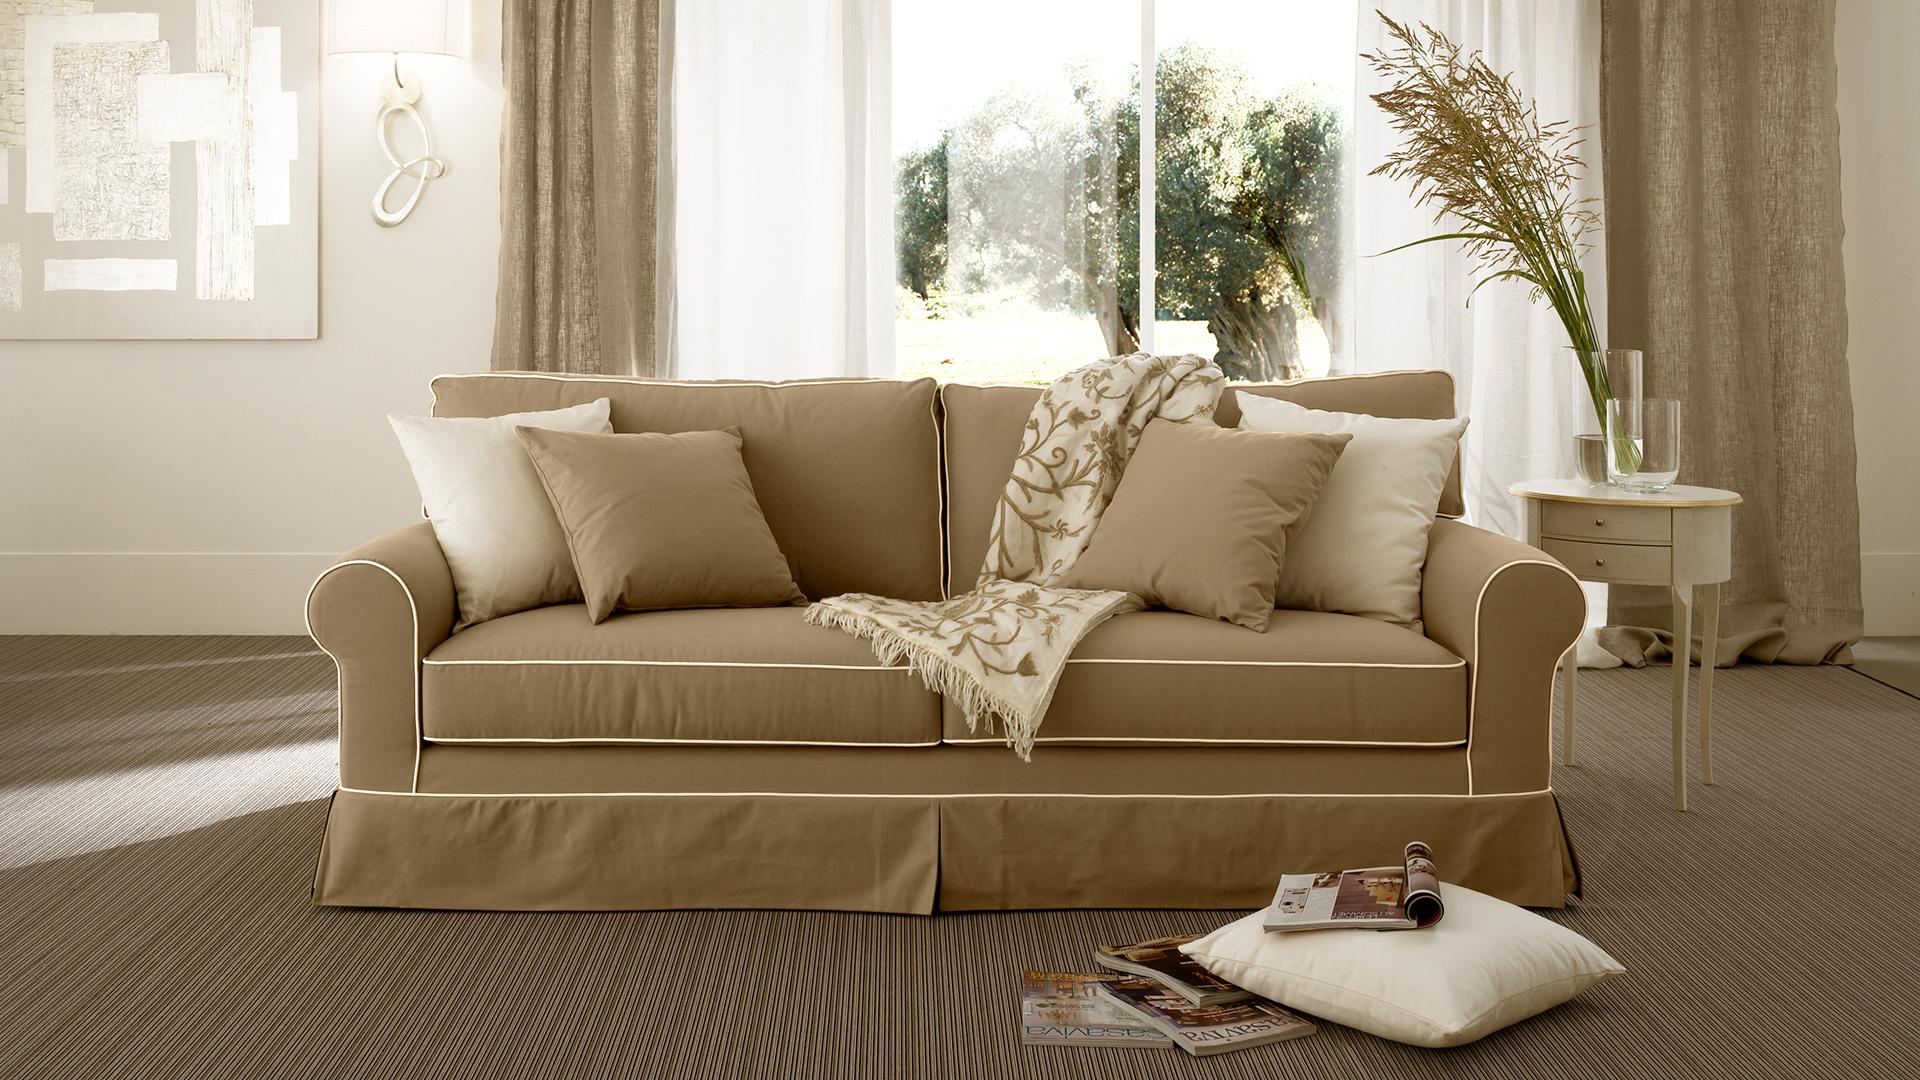 Divano rivoli cantori - Cuscini poltrone sofa ...